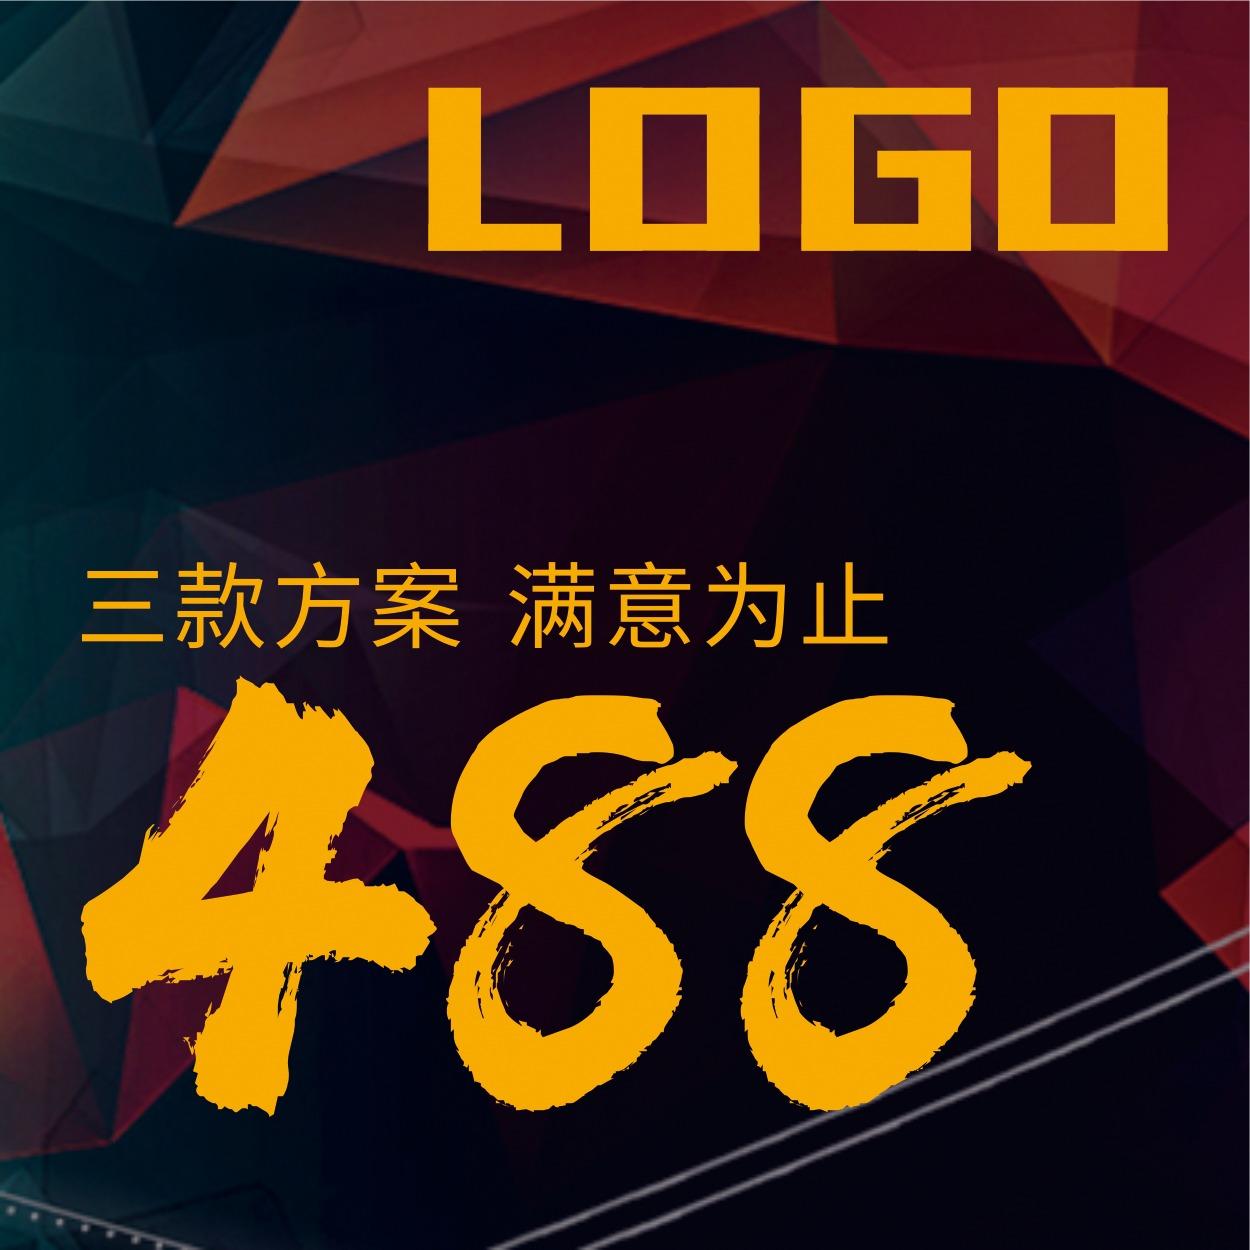 公司logo设计 教育医疗科技金融商标设计 企业品牌logo